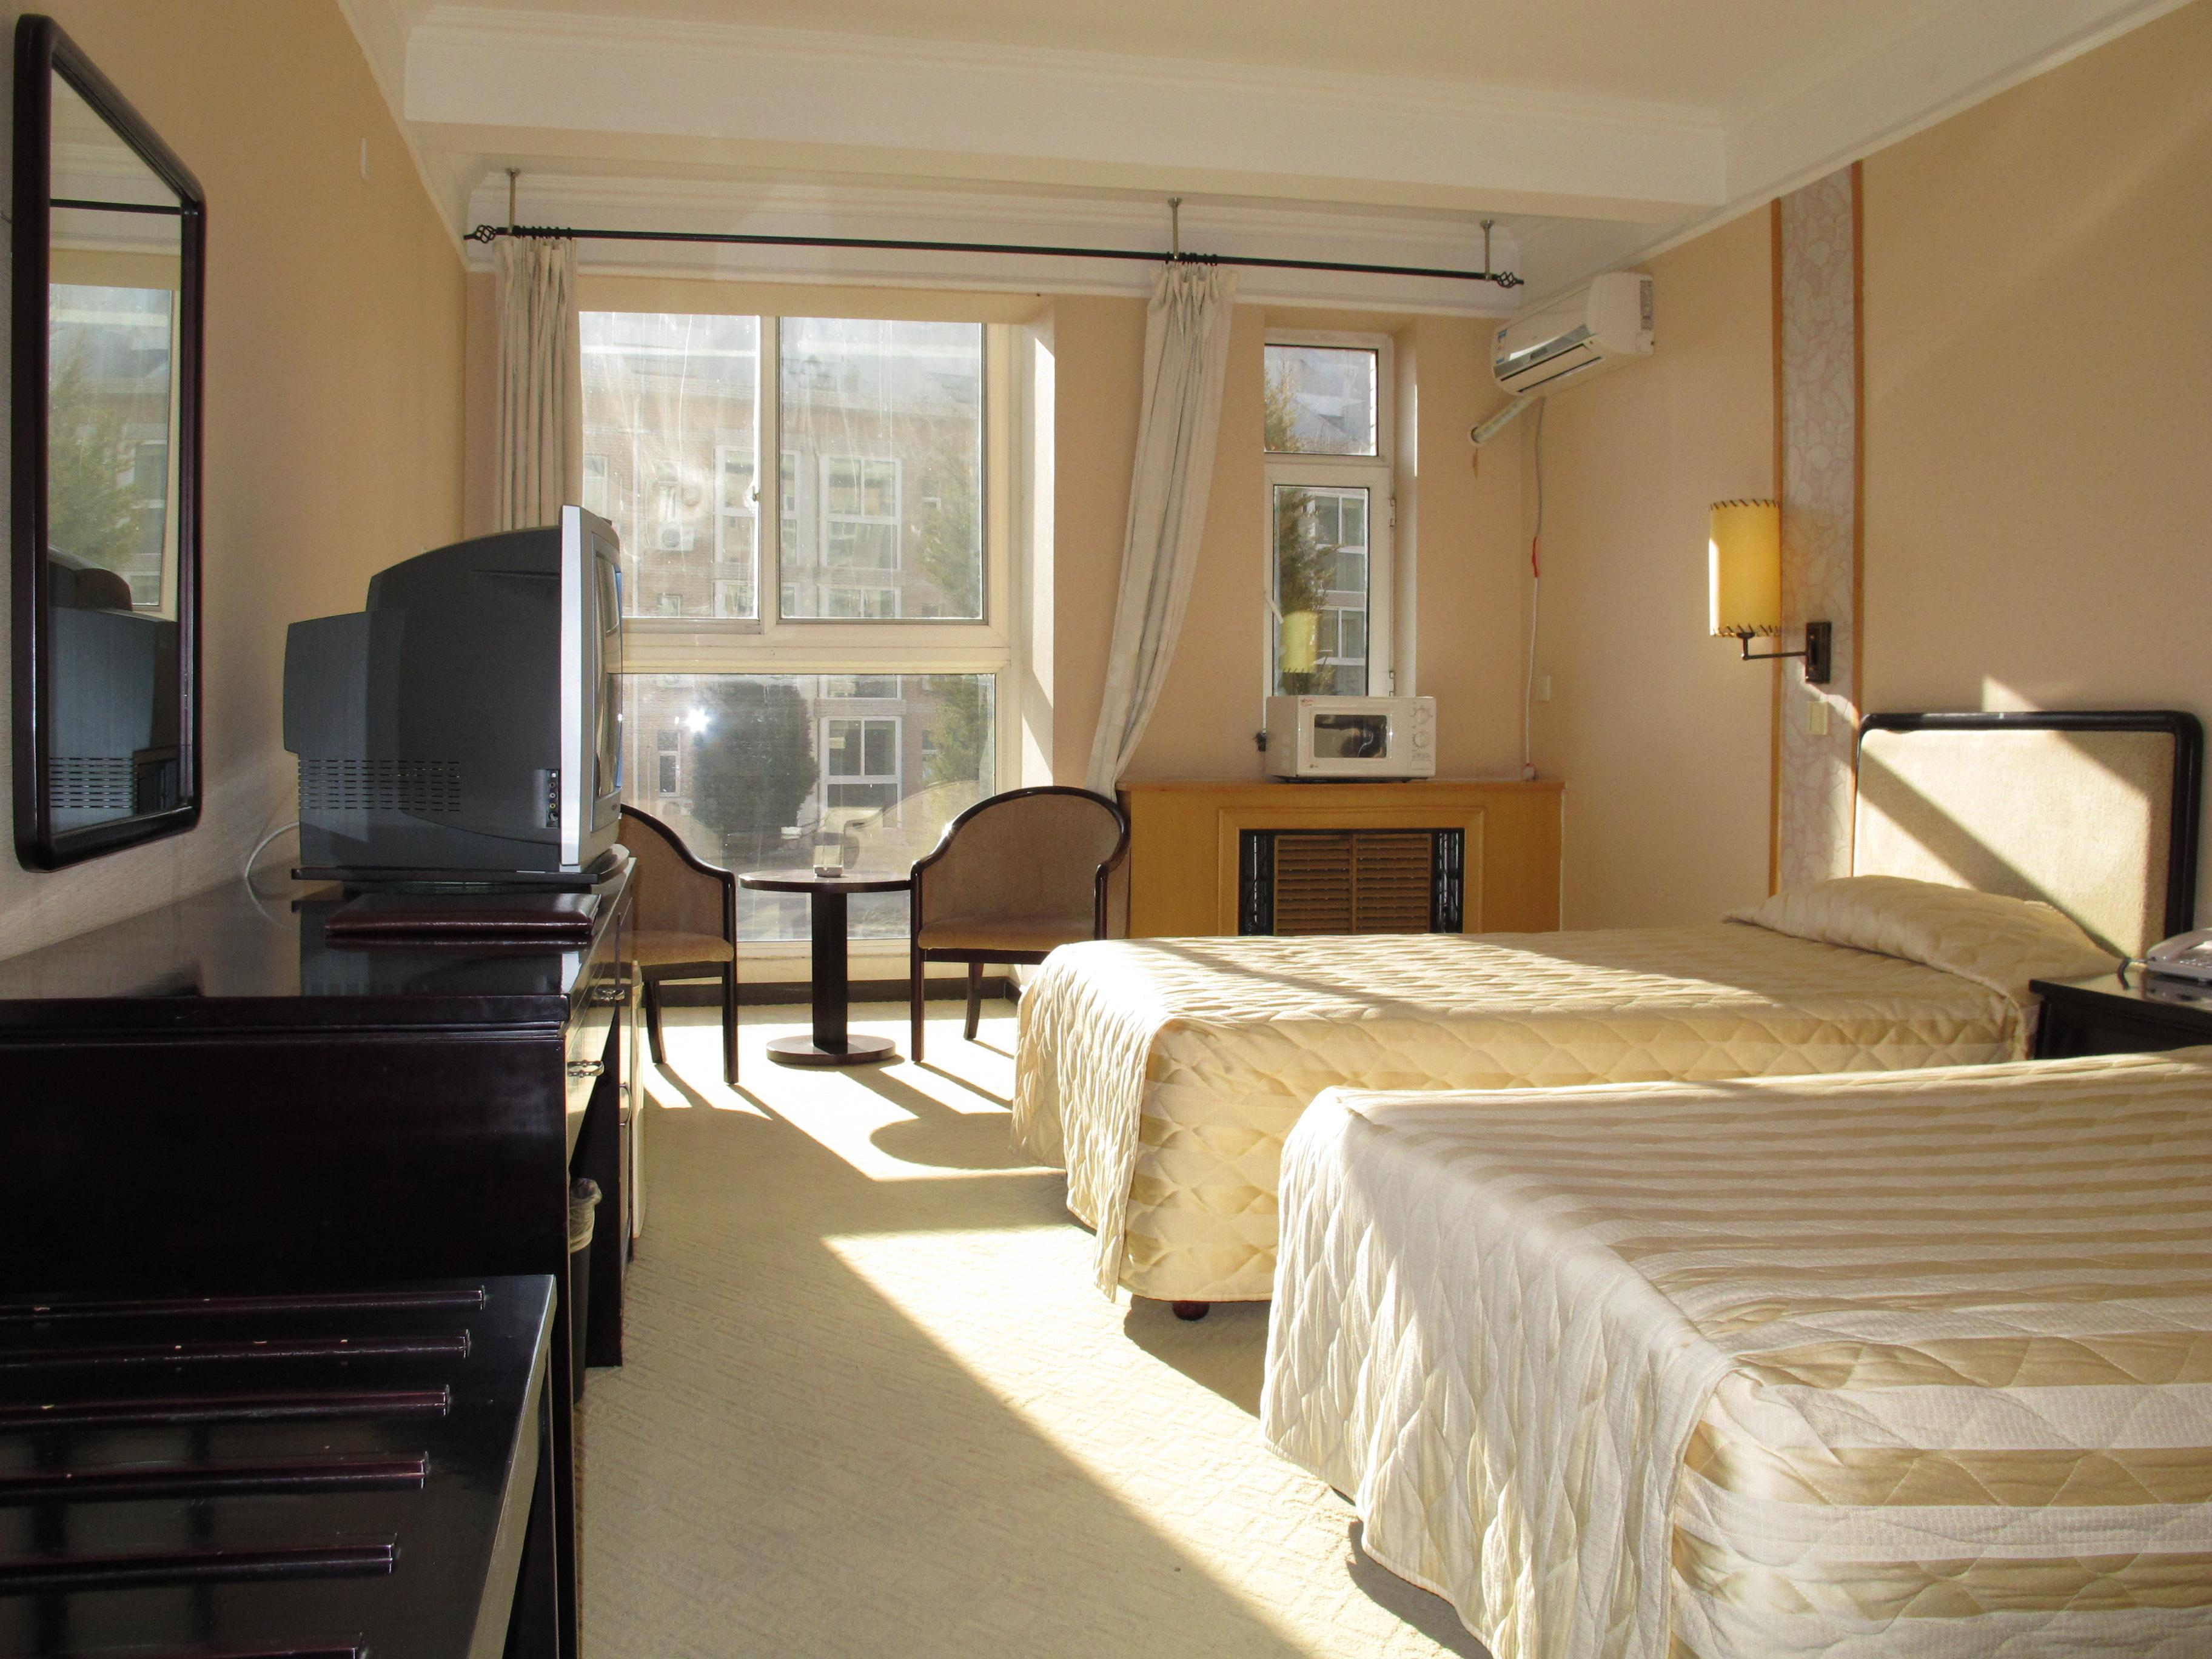 酒店以豪华典雅的欧式建筑为主